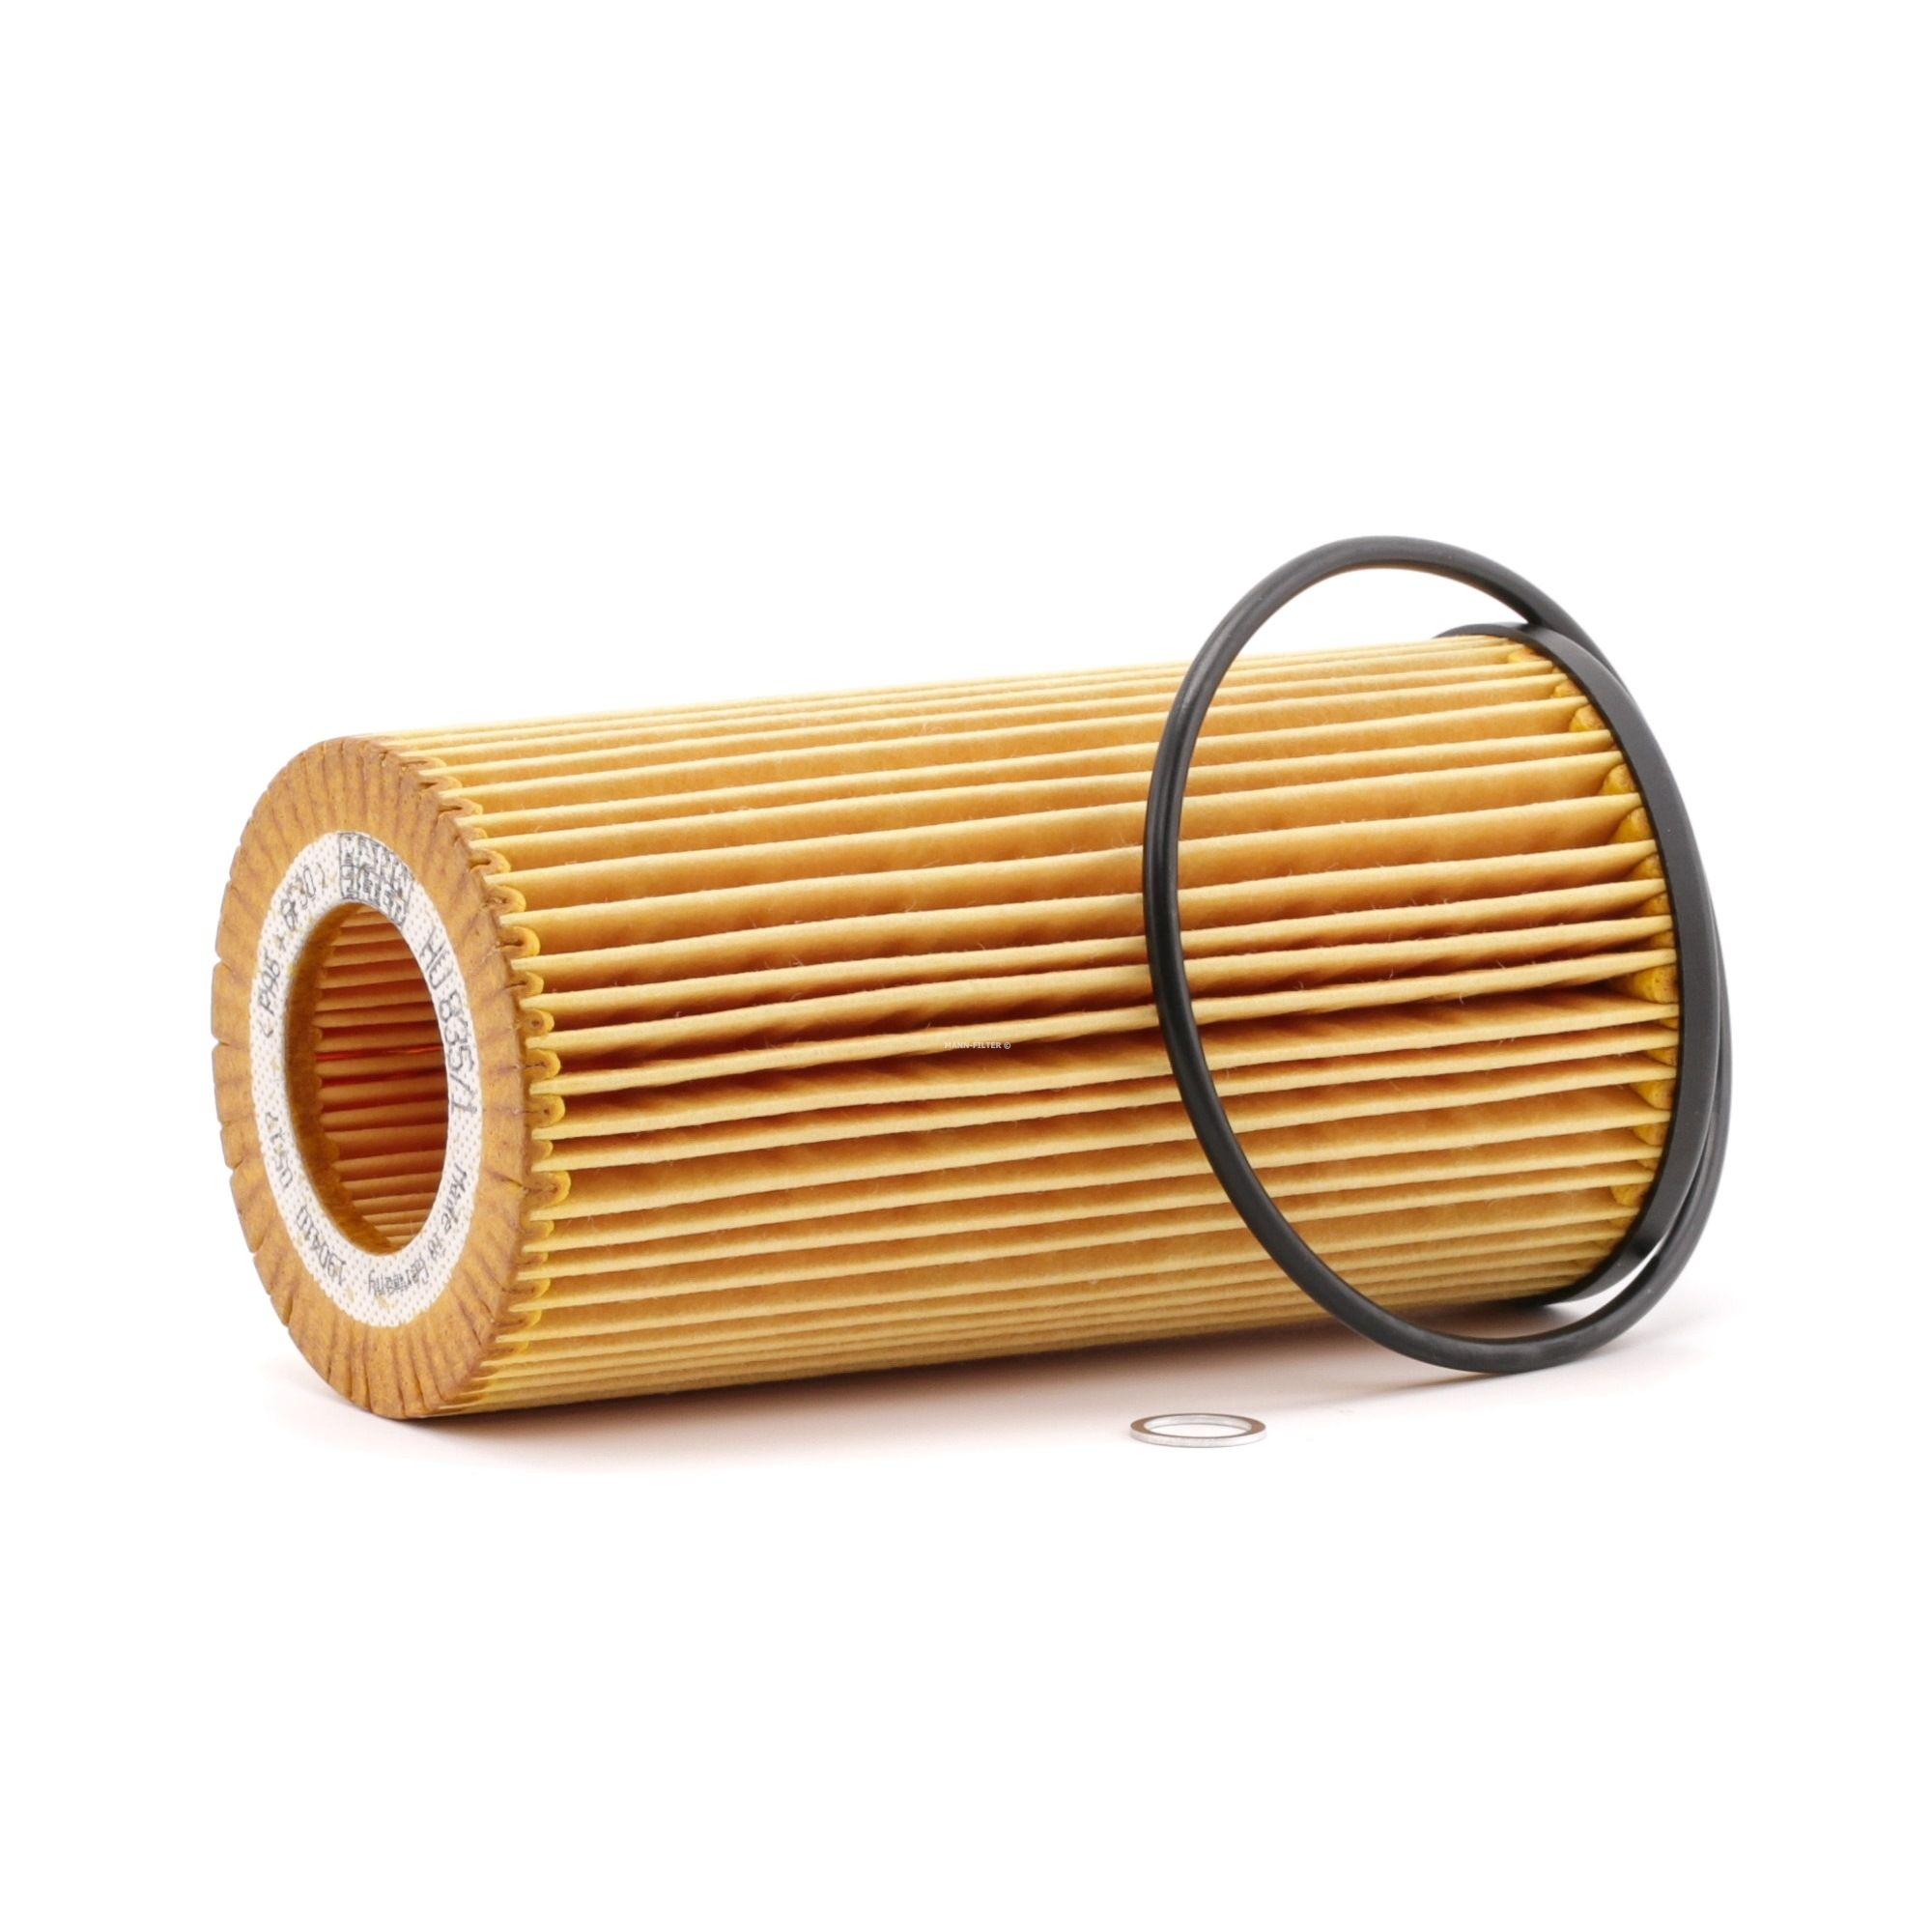 Achetez Filtre à huile MANN-FILTER HU 835/1 z (Diamètre intérieur: 32mm, Diamètre intérieur 2: 34mm, Ø: 67mm, Hauteur: 143mm) à un rapport qualité-prix exceptionnel